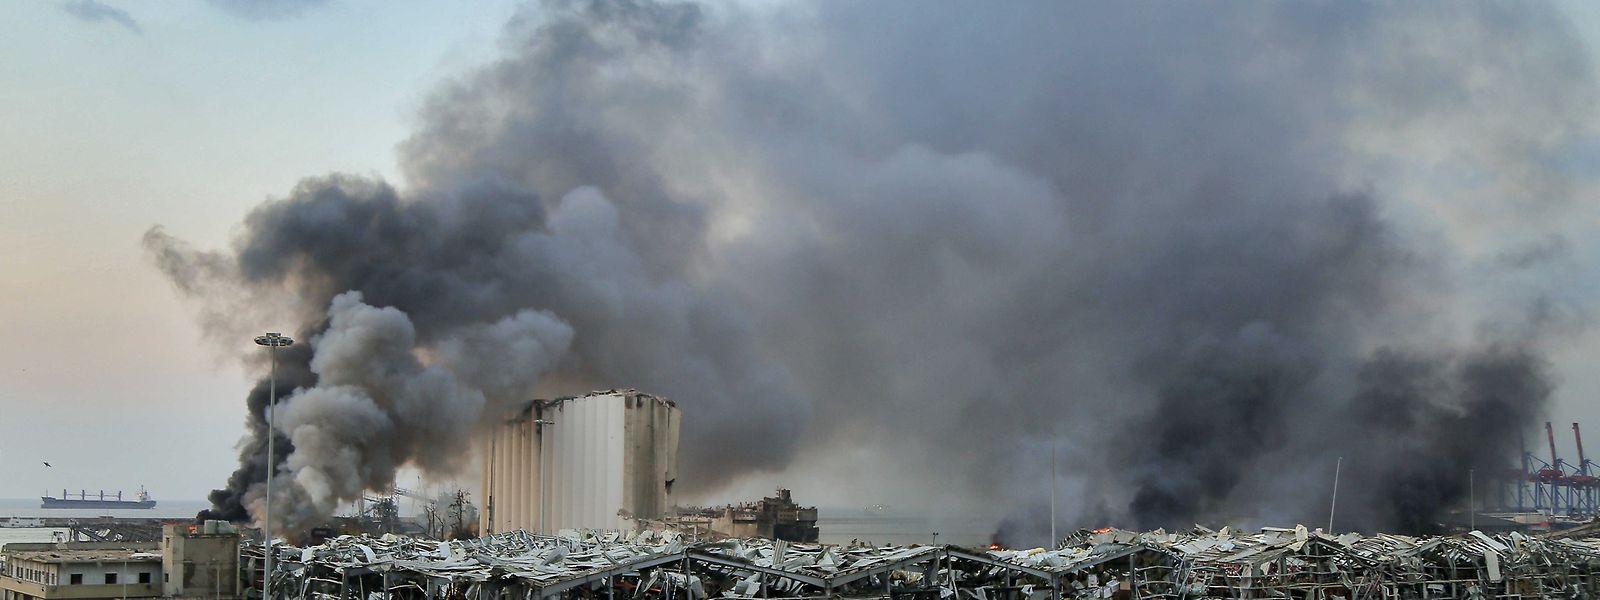 Bei der verheerenden Detonation am 4. August 2020 kamen mehr als 190 Menschen ums Leben.